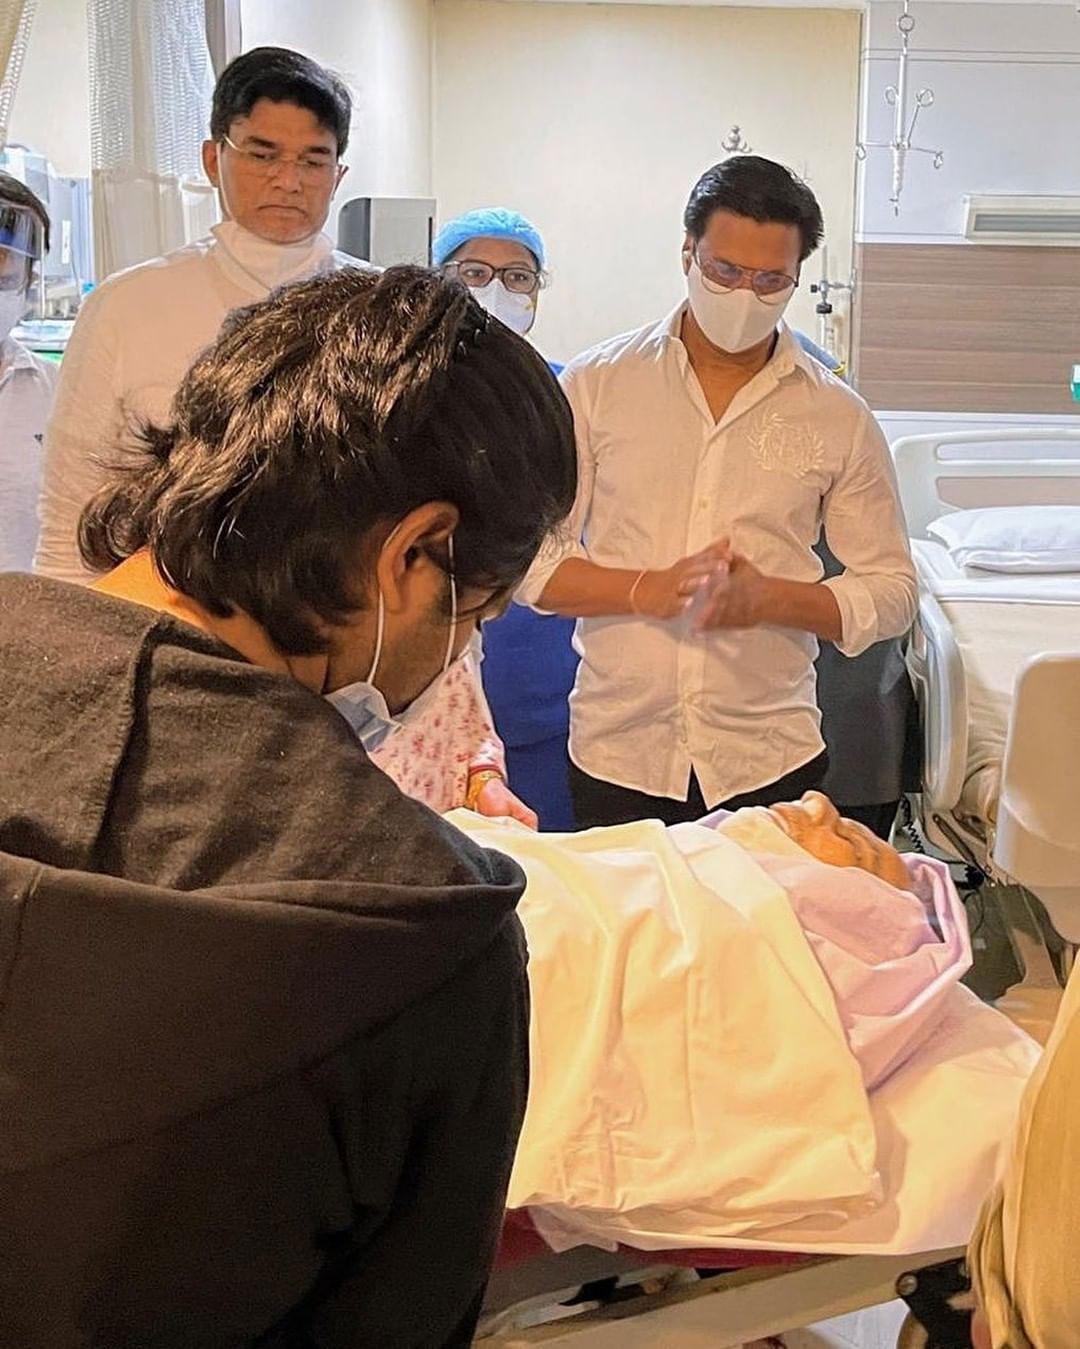 दिलीप साहेबांच्या निधनाचे वृत्त समजताच दिग्दर्शक मधुर भंडारकर हिंदुजा रुग्णालयात पोहोचले होते.